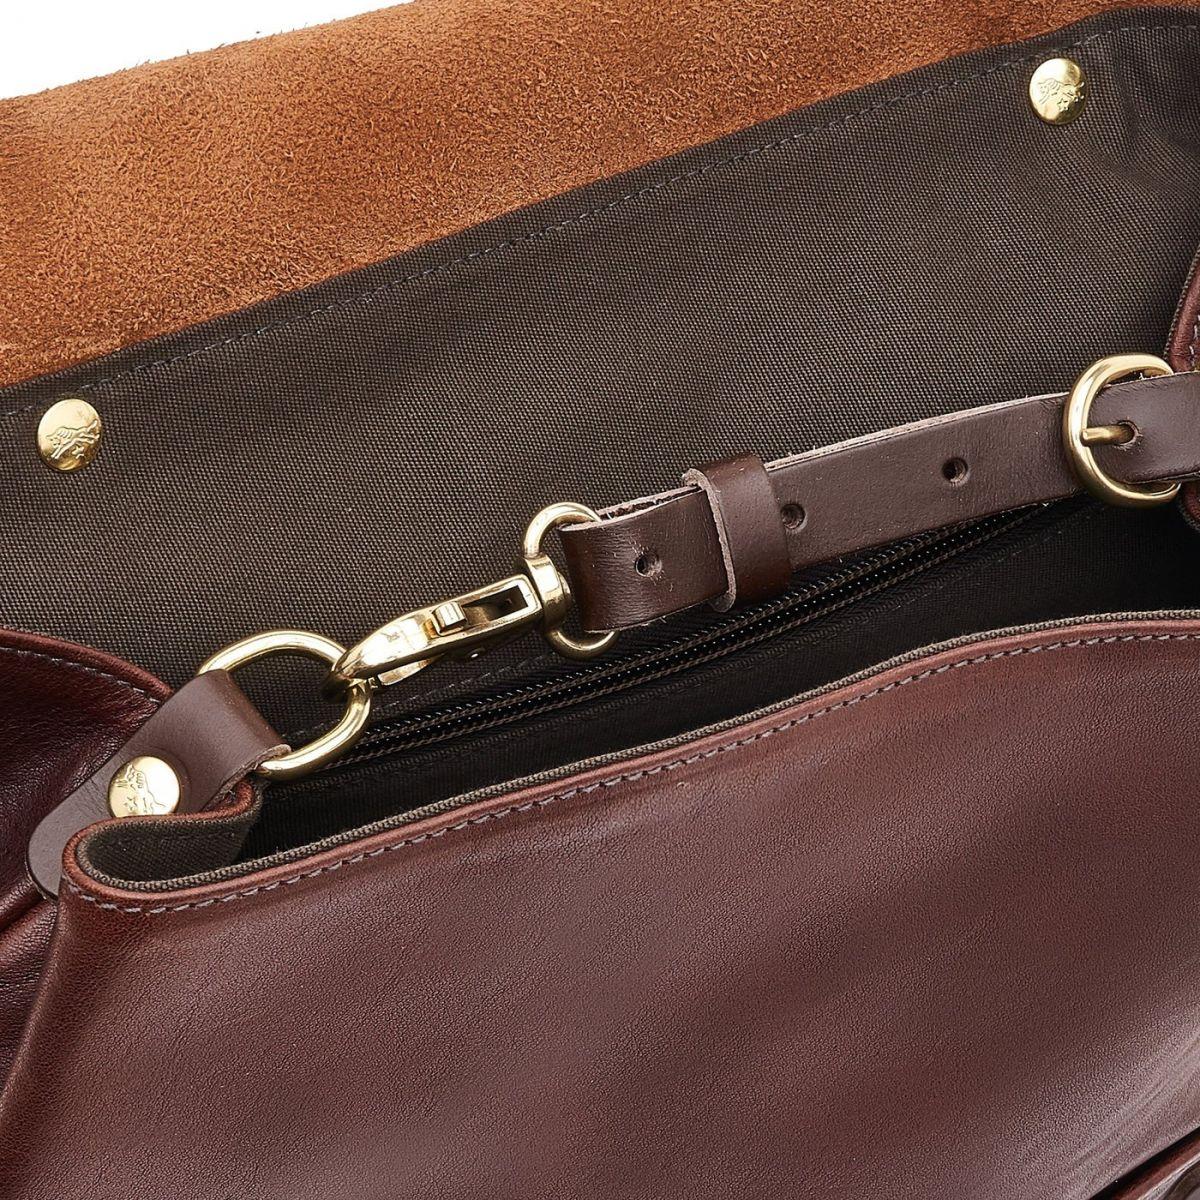 Trappola - Men's Backpack in Vintage Cowhide Leather BBA002 color Dark Brown | Details